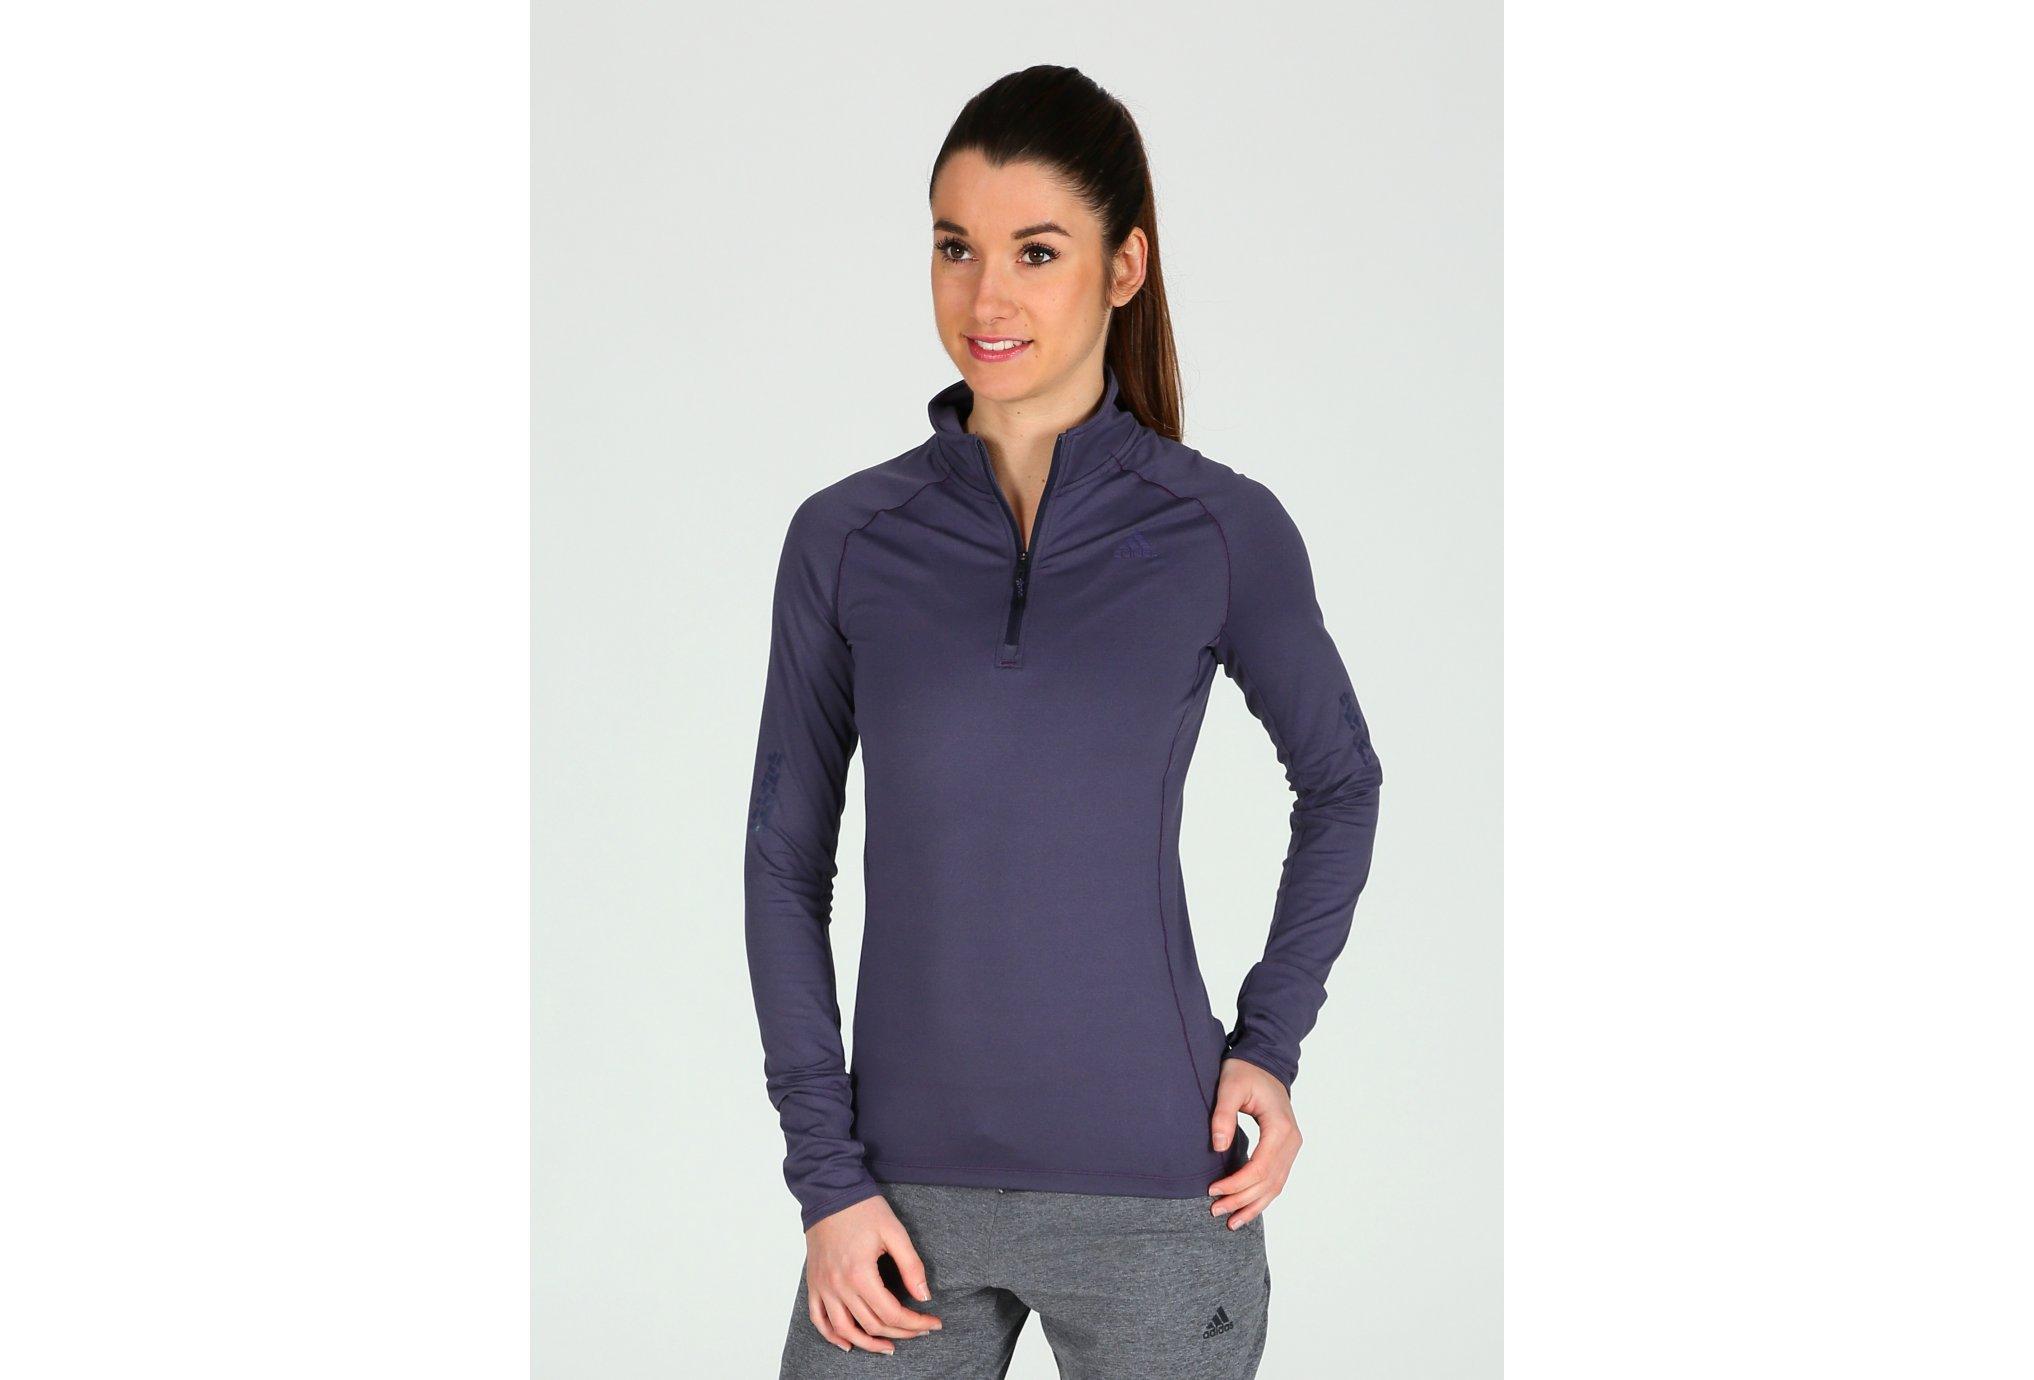 Adidas Supernova 1/2 zip w vêtement running femme